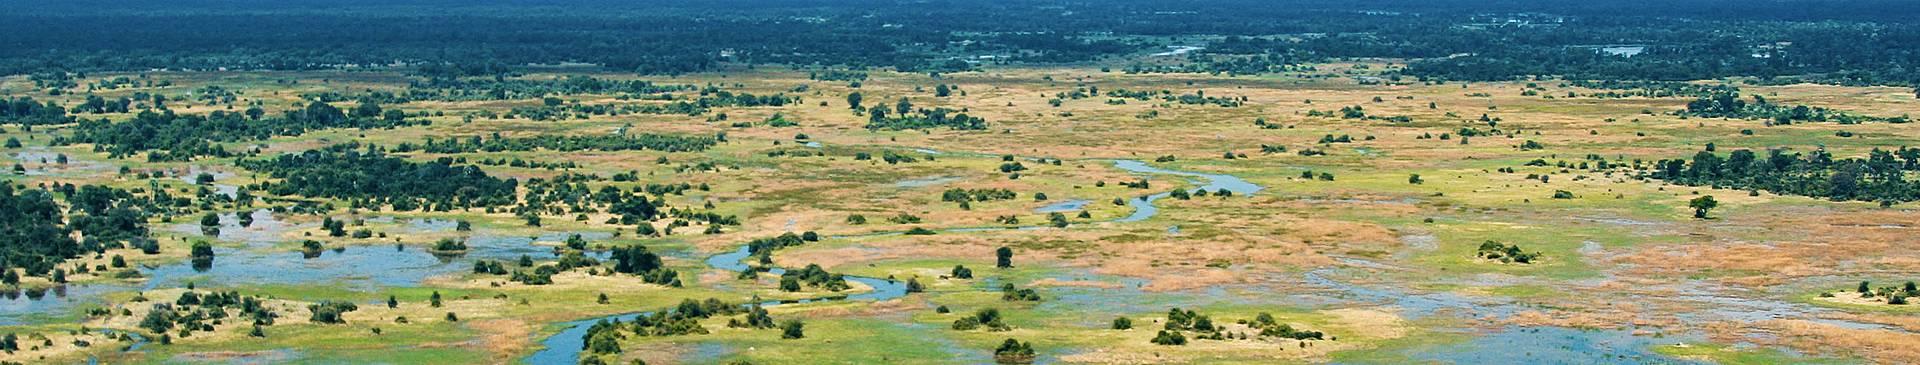 Viajes de naturaleza y eco-responsables